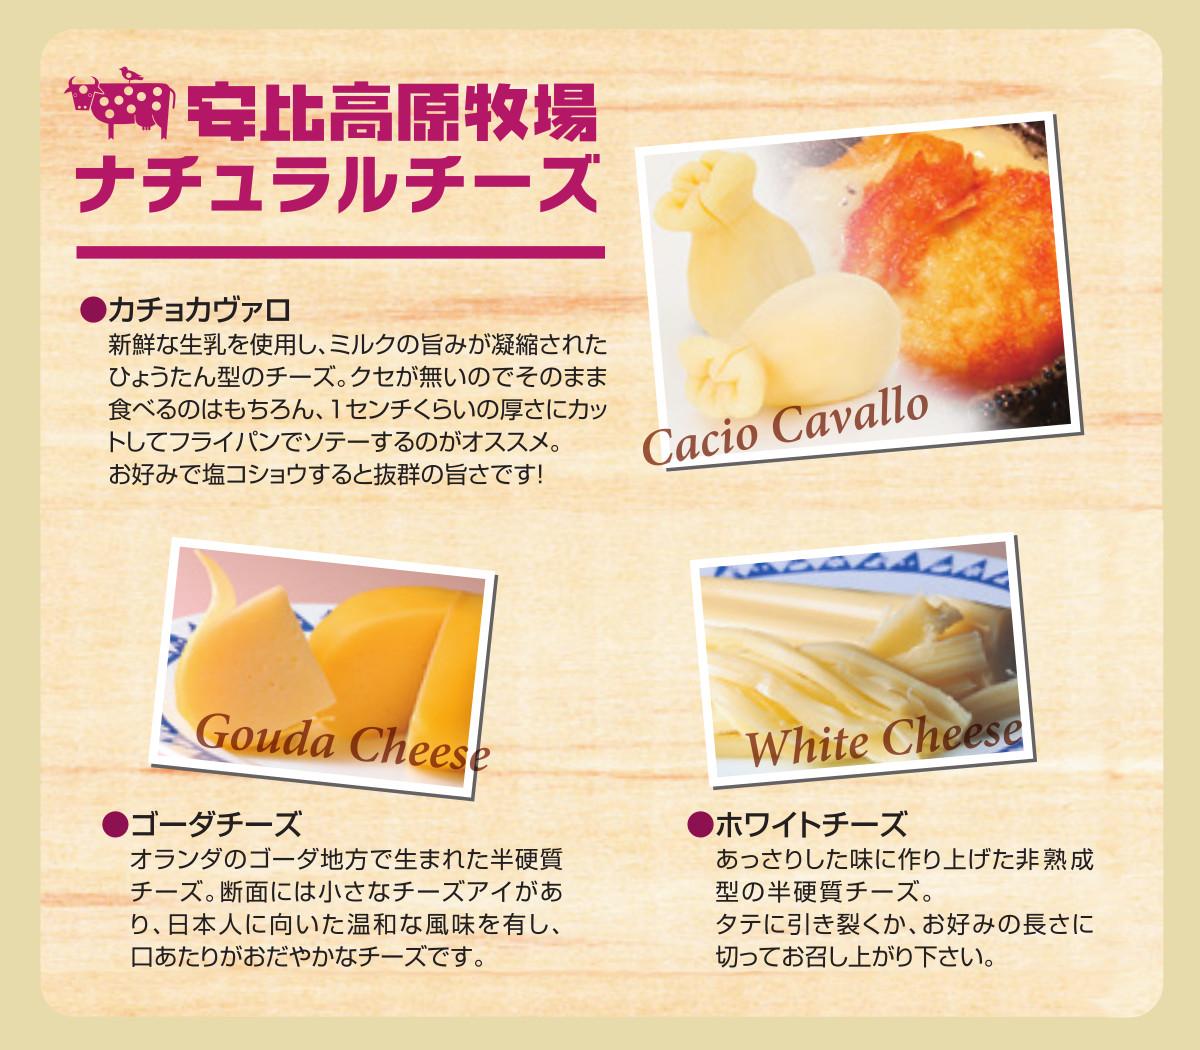 ヨーグルト&チーズセット